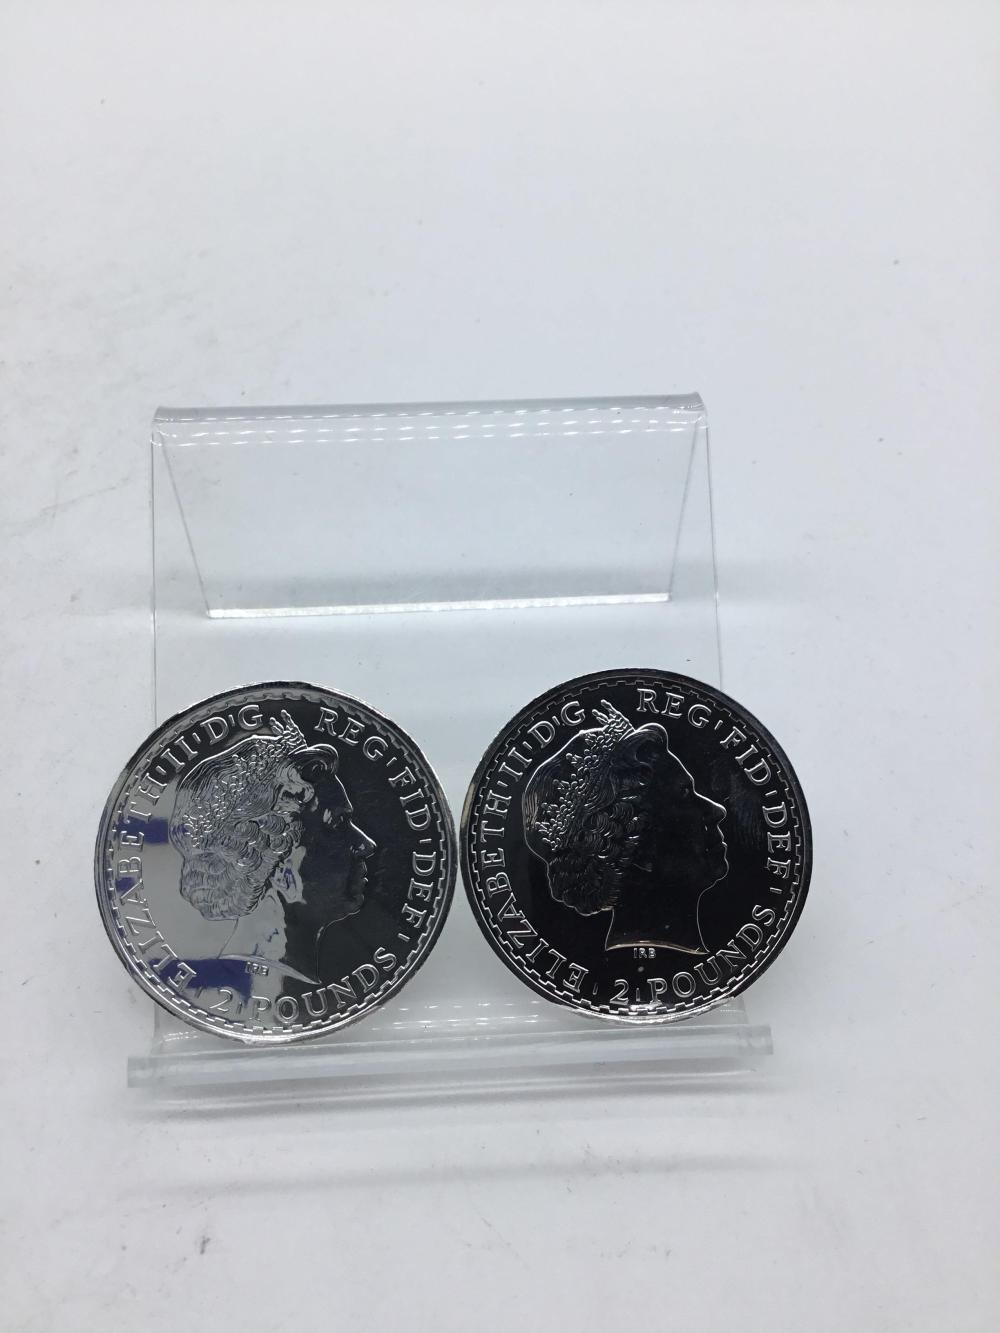 British 2 pound silver coins